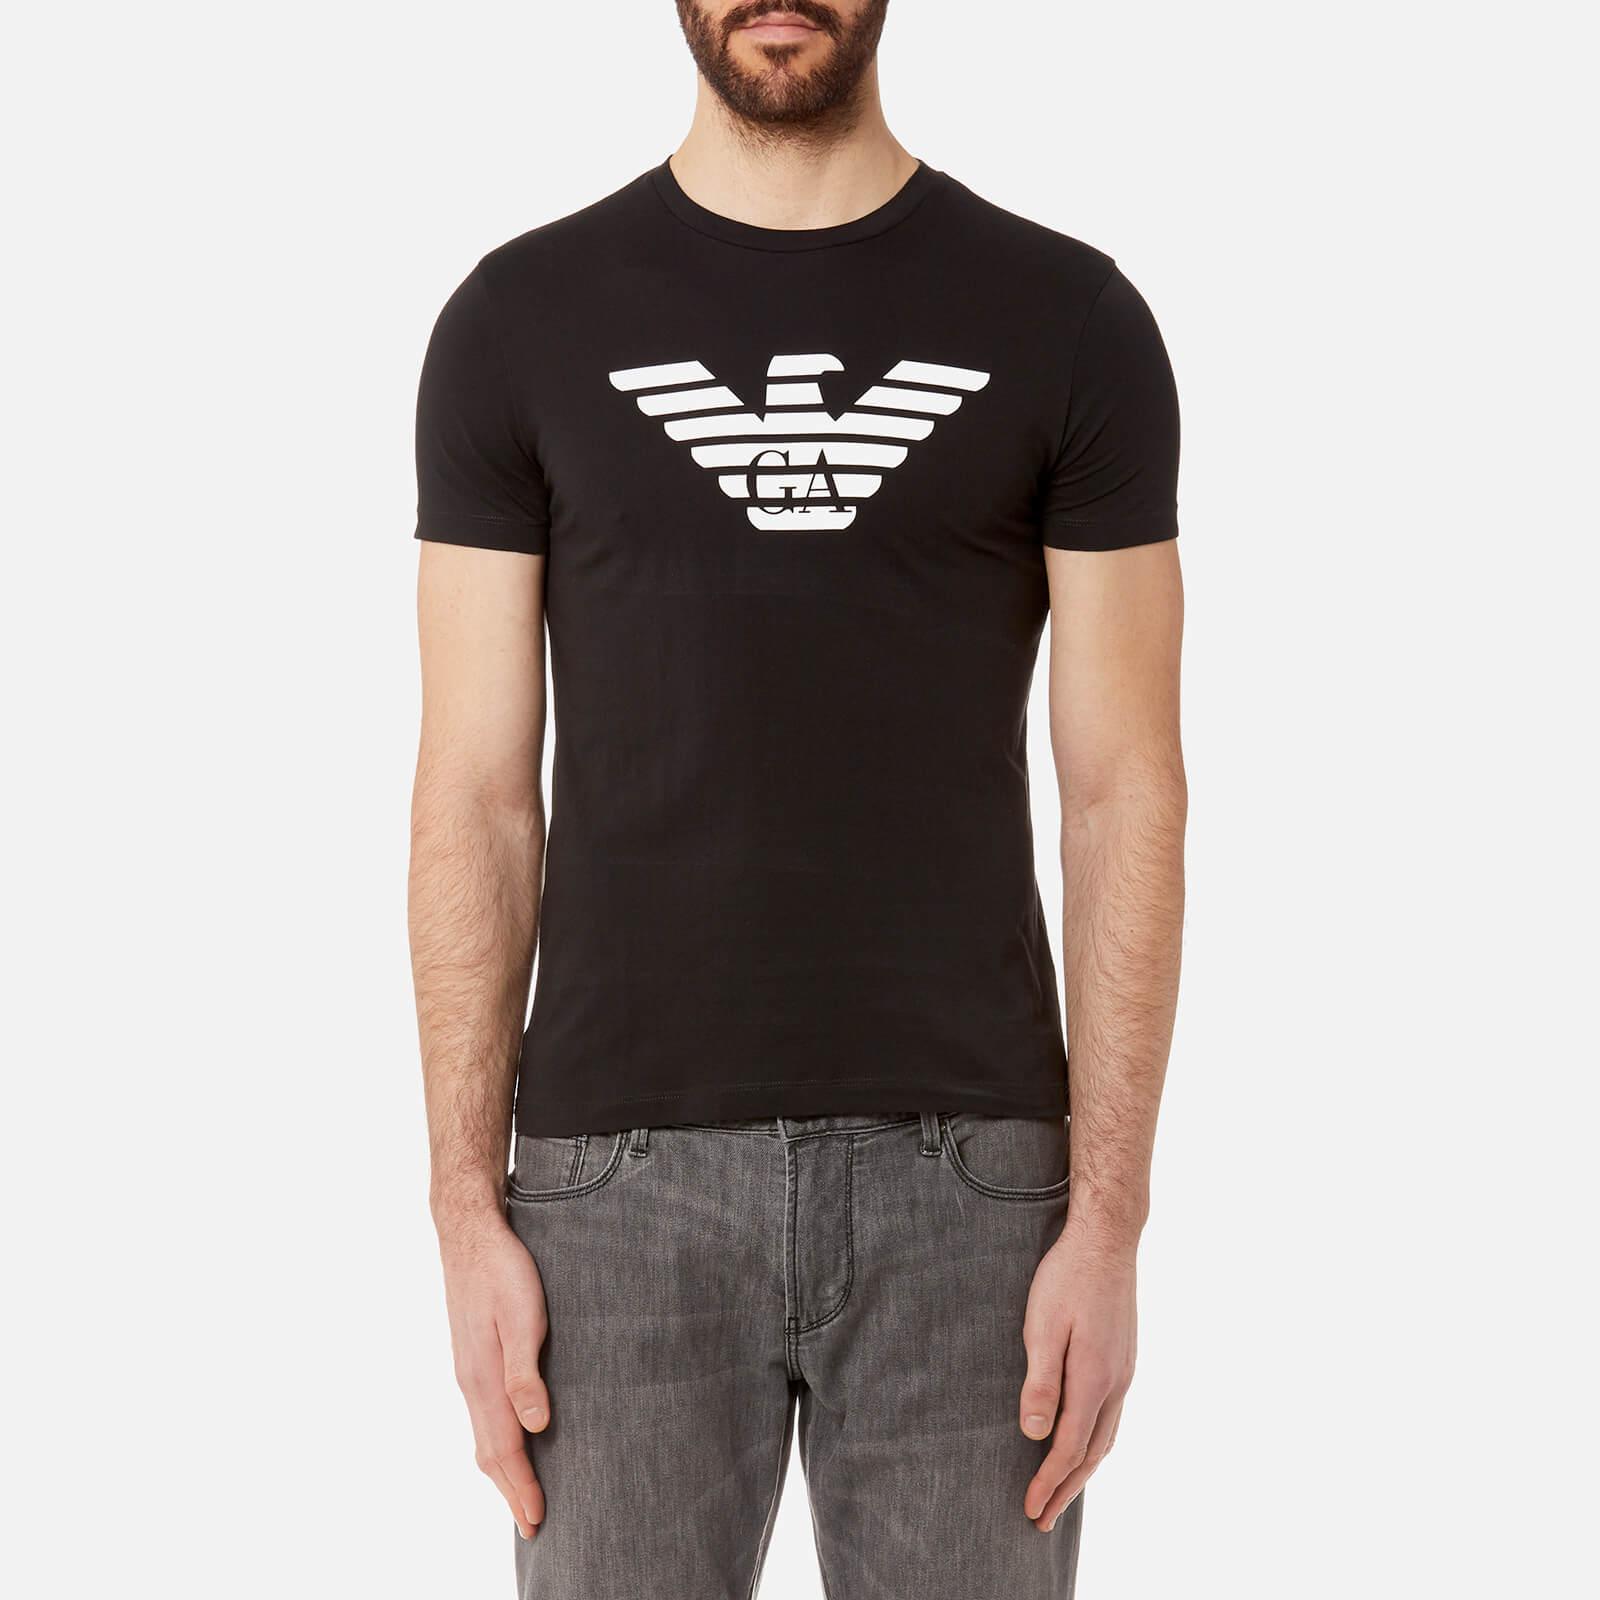 fa3f2146 Emporio Armani Men's Aj Chest Logo T-Shirt - Nero - Free UK Delivery over  £50